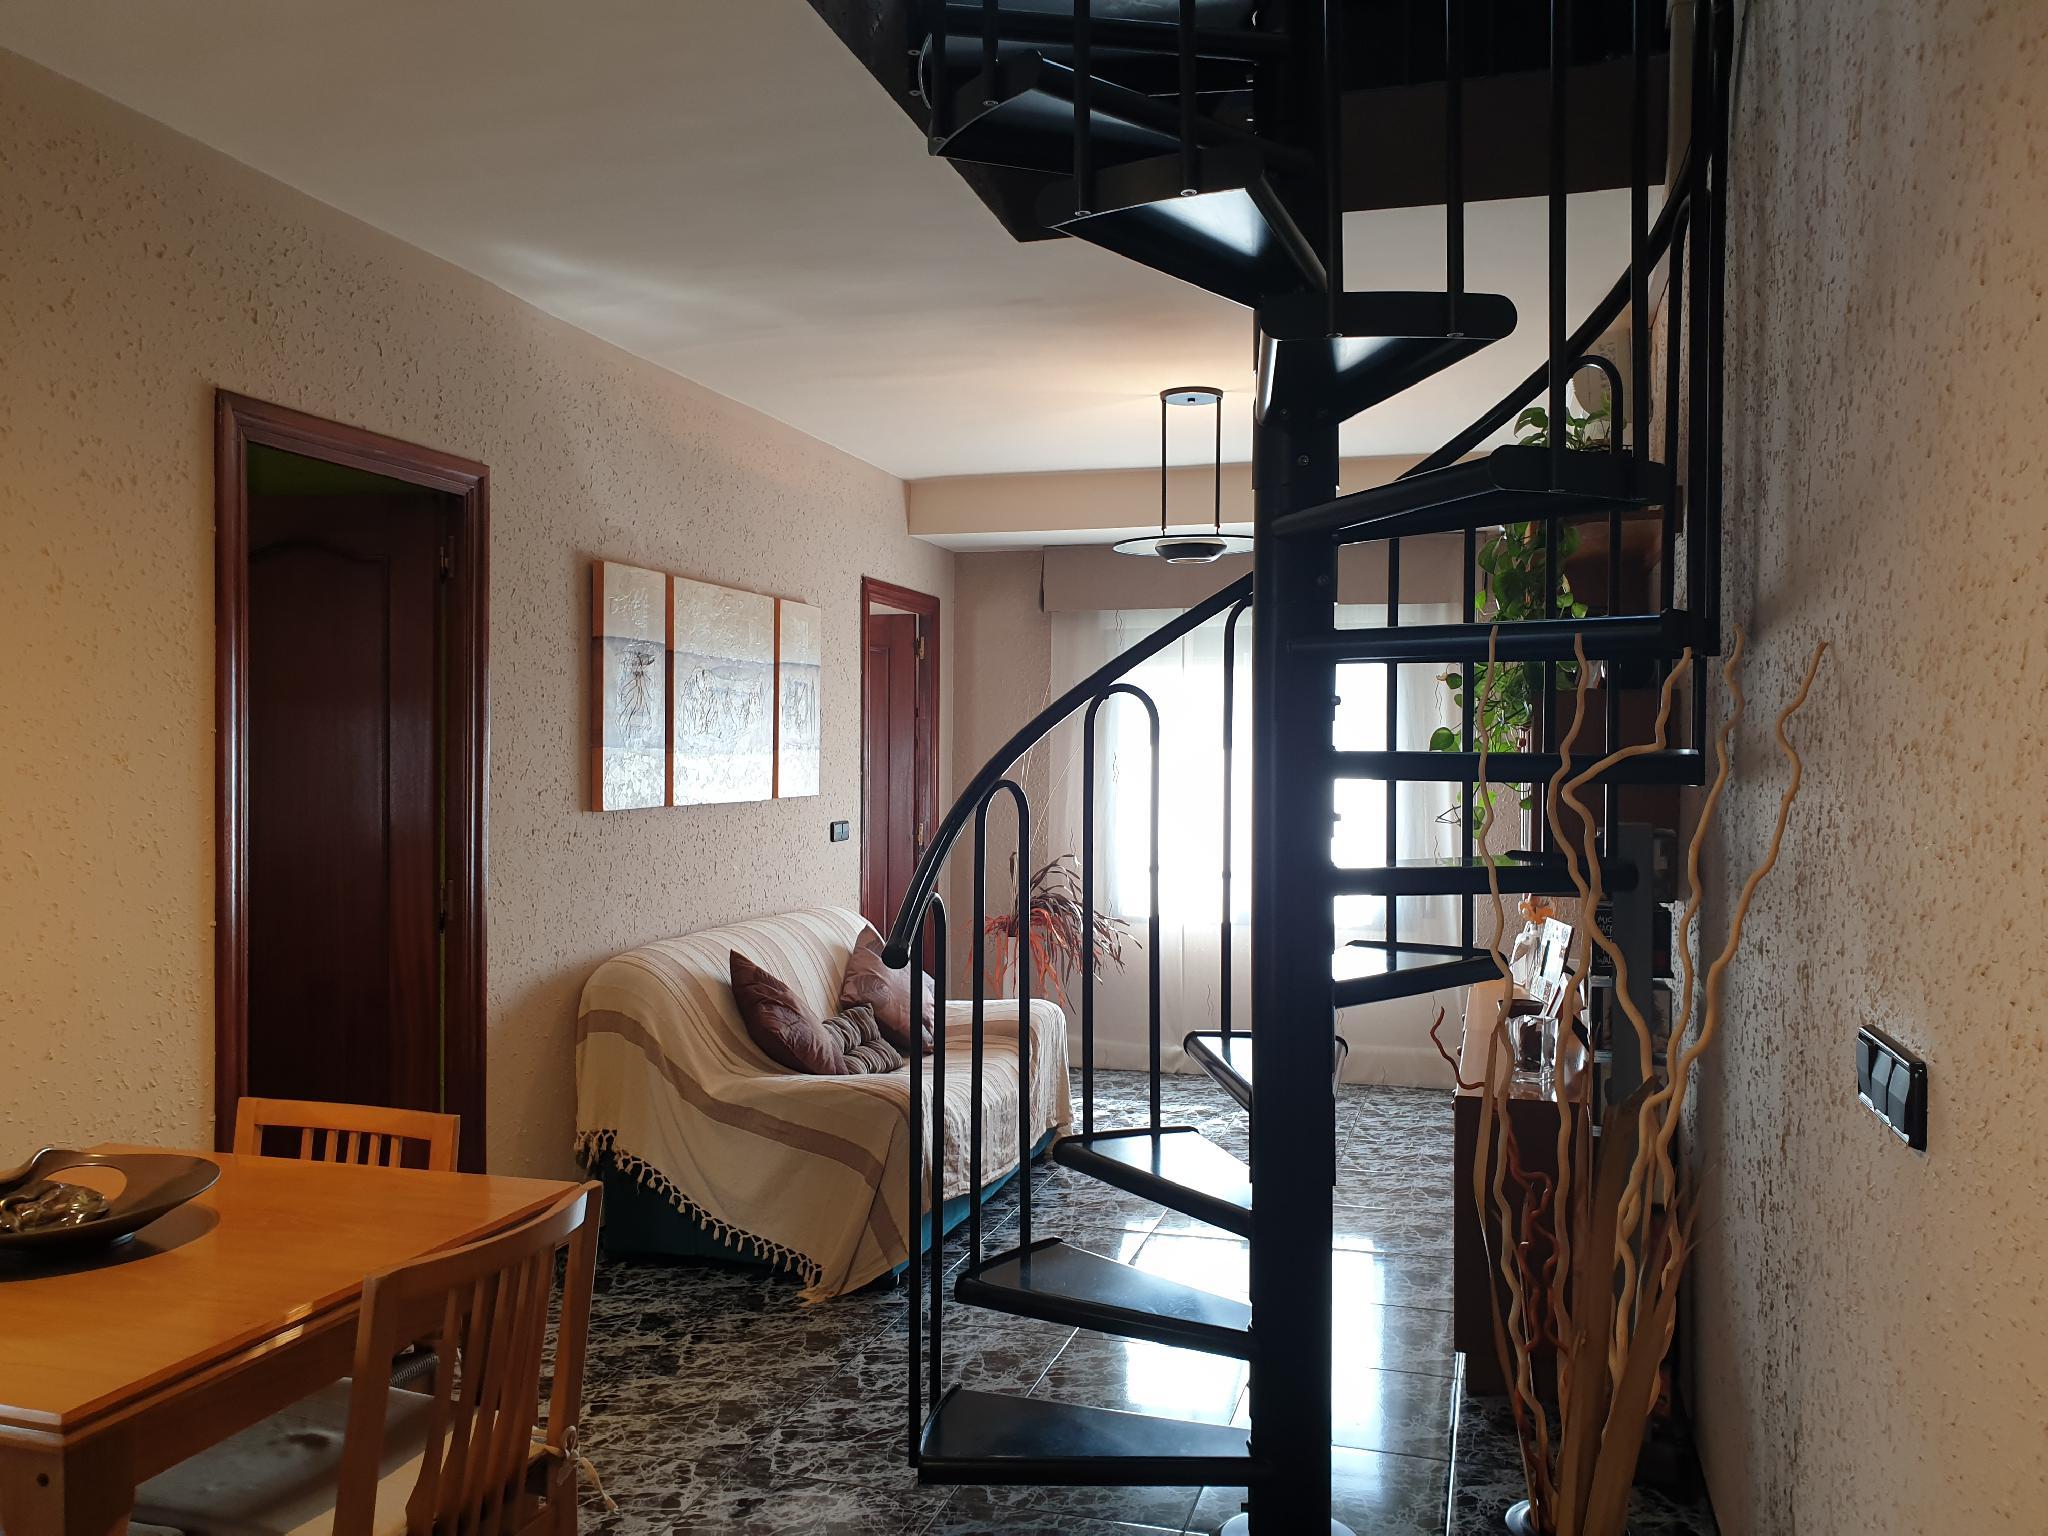 231433 - Cerca del metro Pubillas Casas